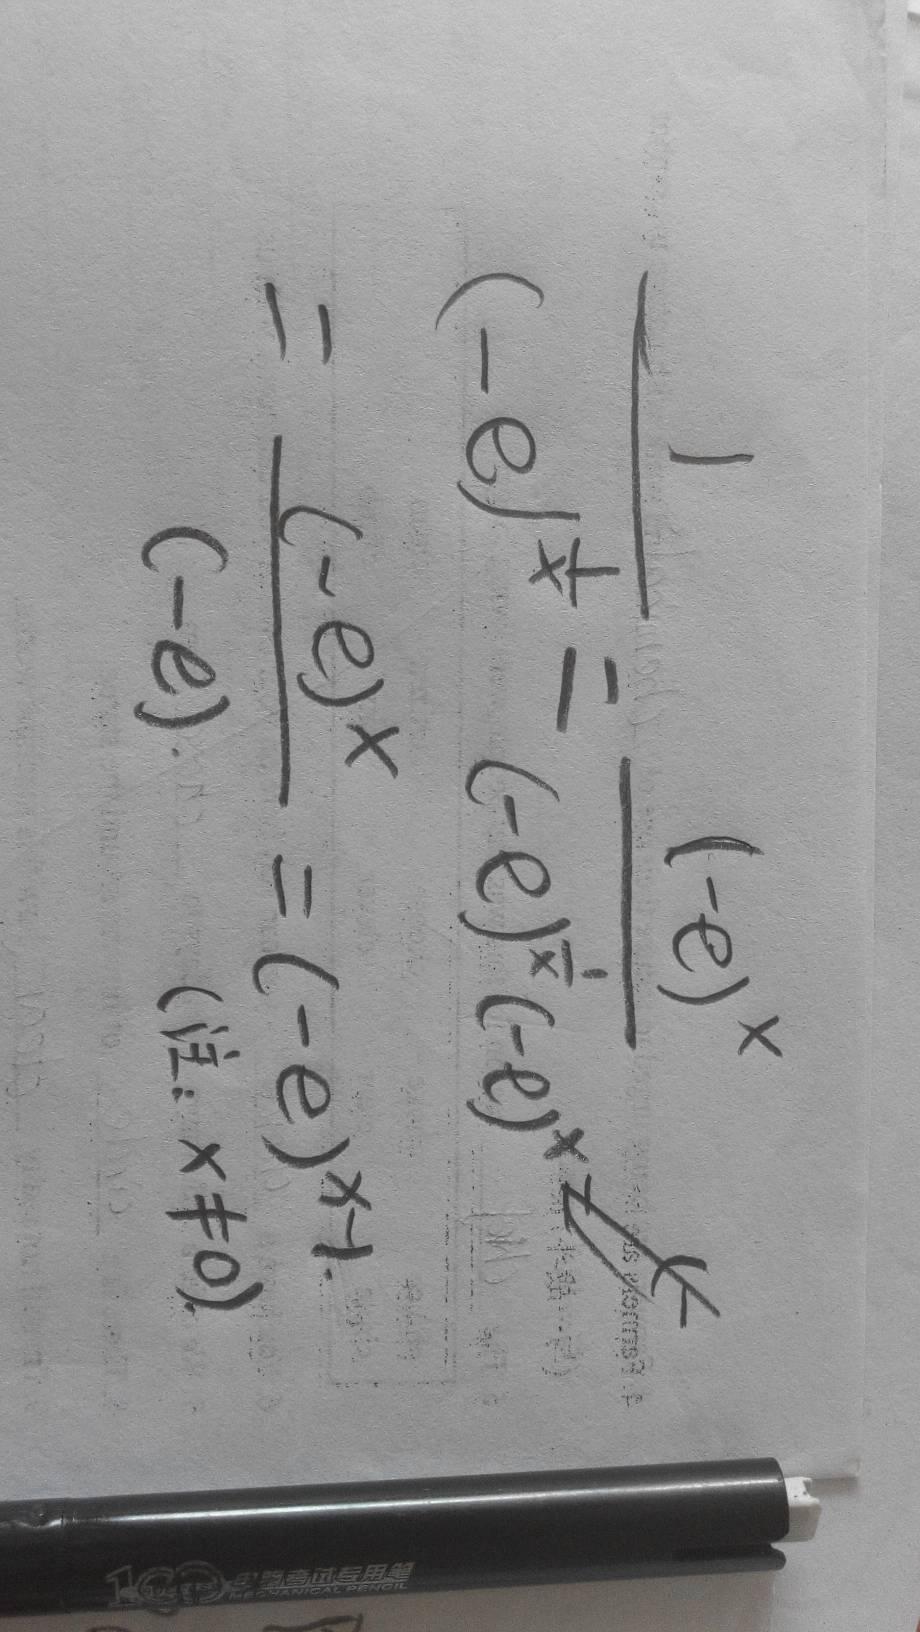 的x分之一次方图像e的x分之一的图像 x分之一的图像 ...